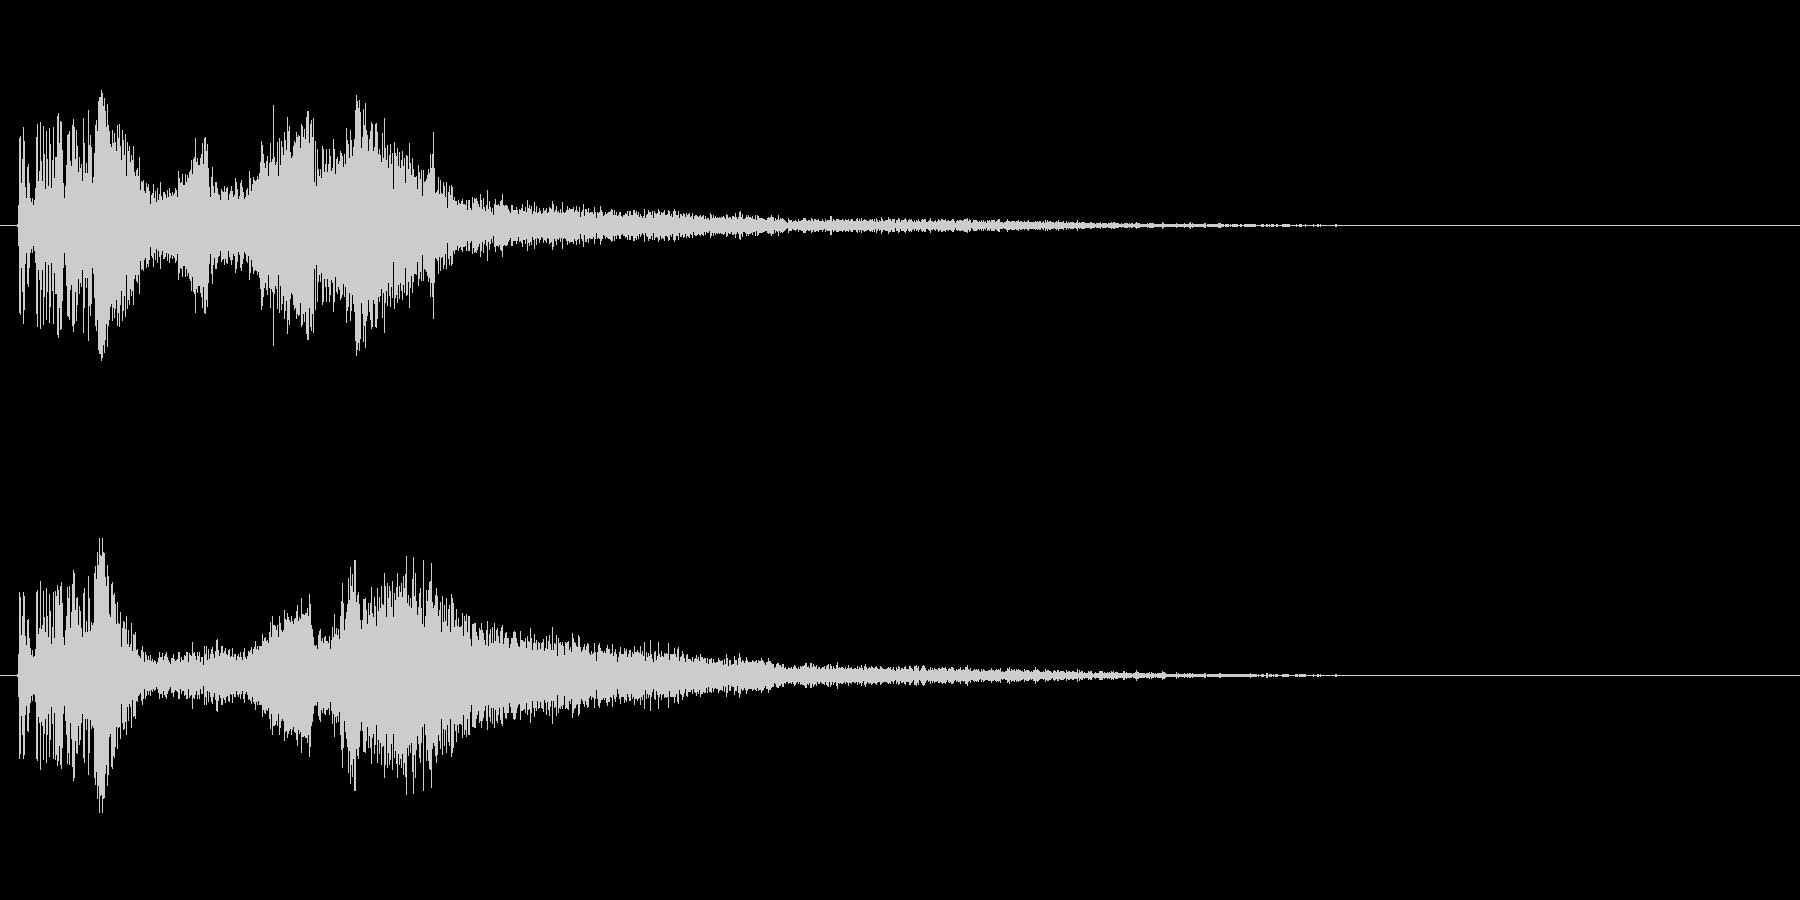 カッコいいラジオジングル効果音の未再生の波形